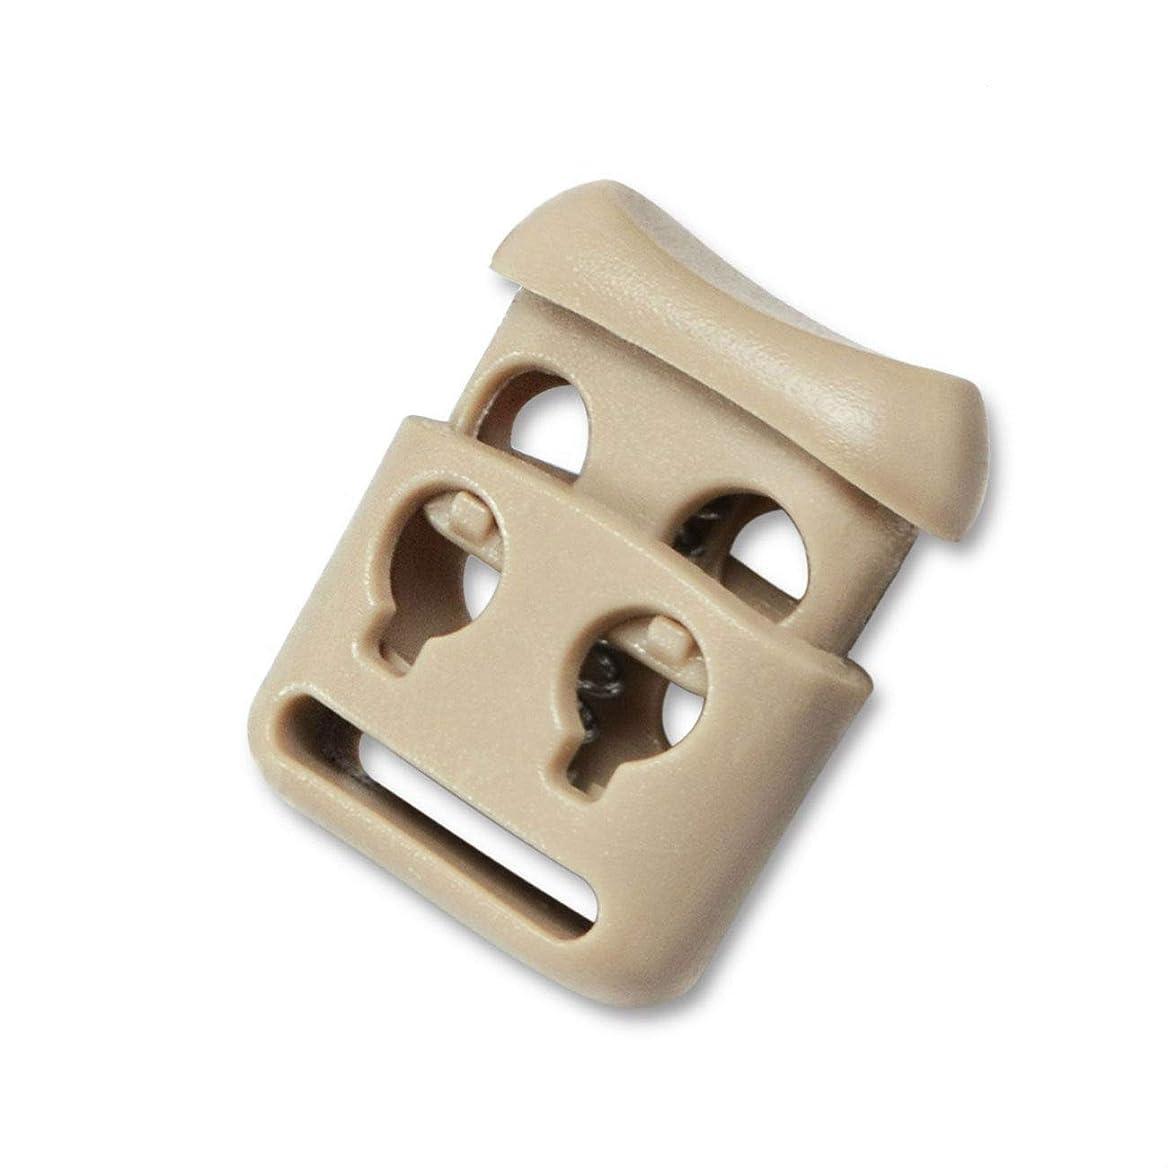 ビリー壮大観点Perfeclan 約50個 コードストッパー 15mm プラスチック スプリング 単穴 スポーツウェア 衣類 軽量